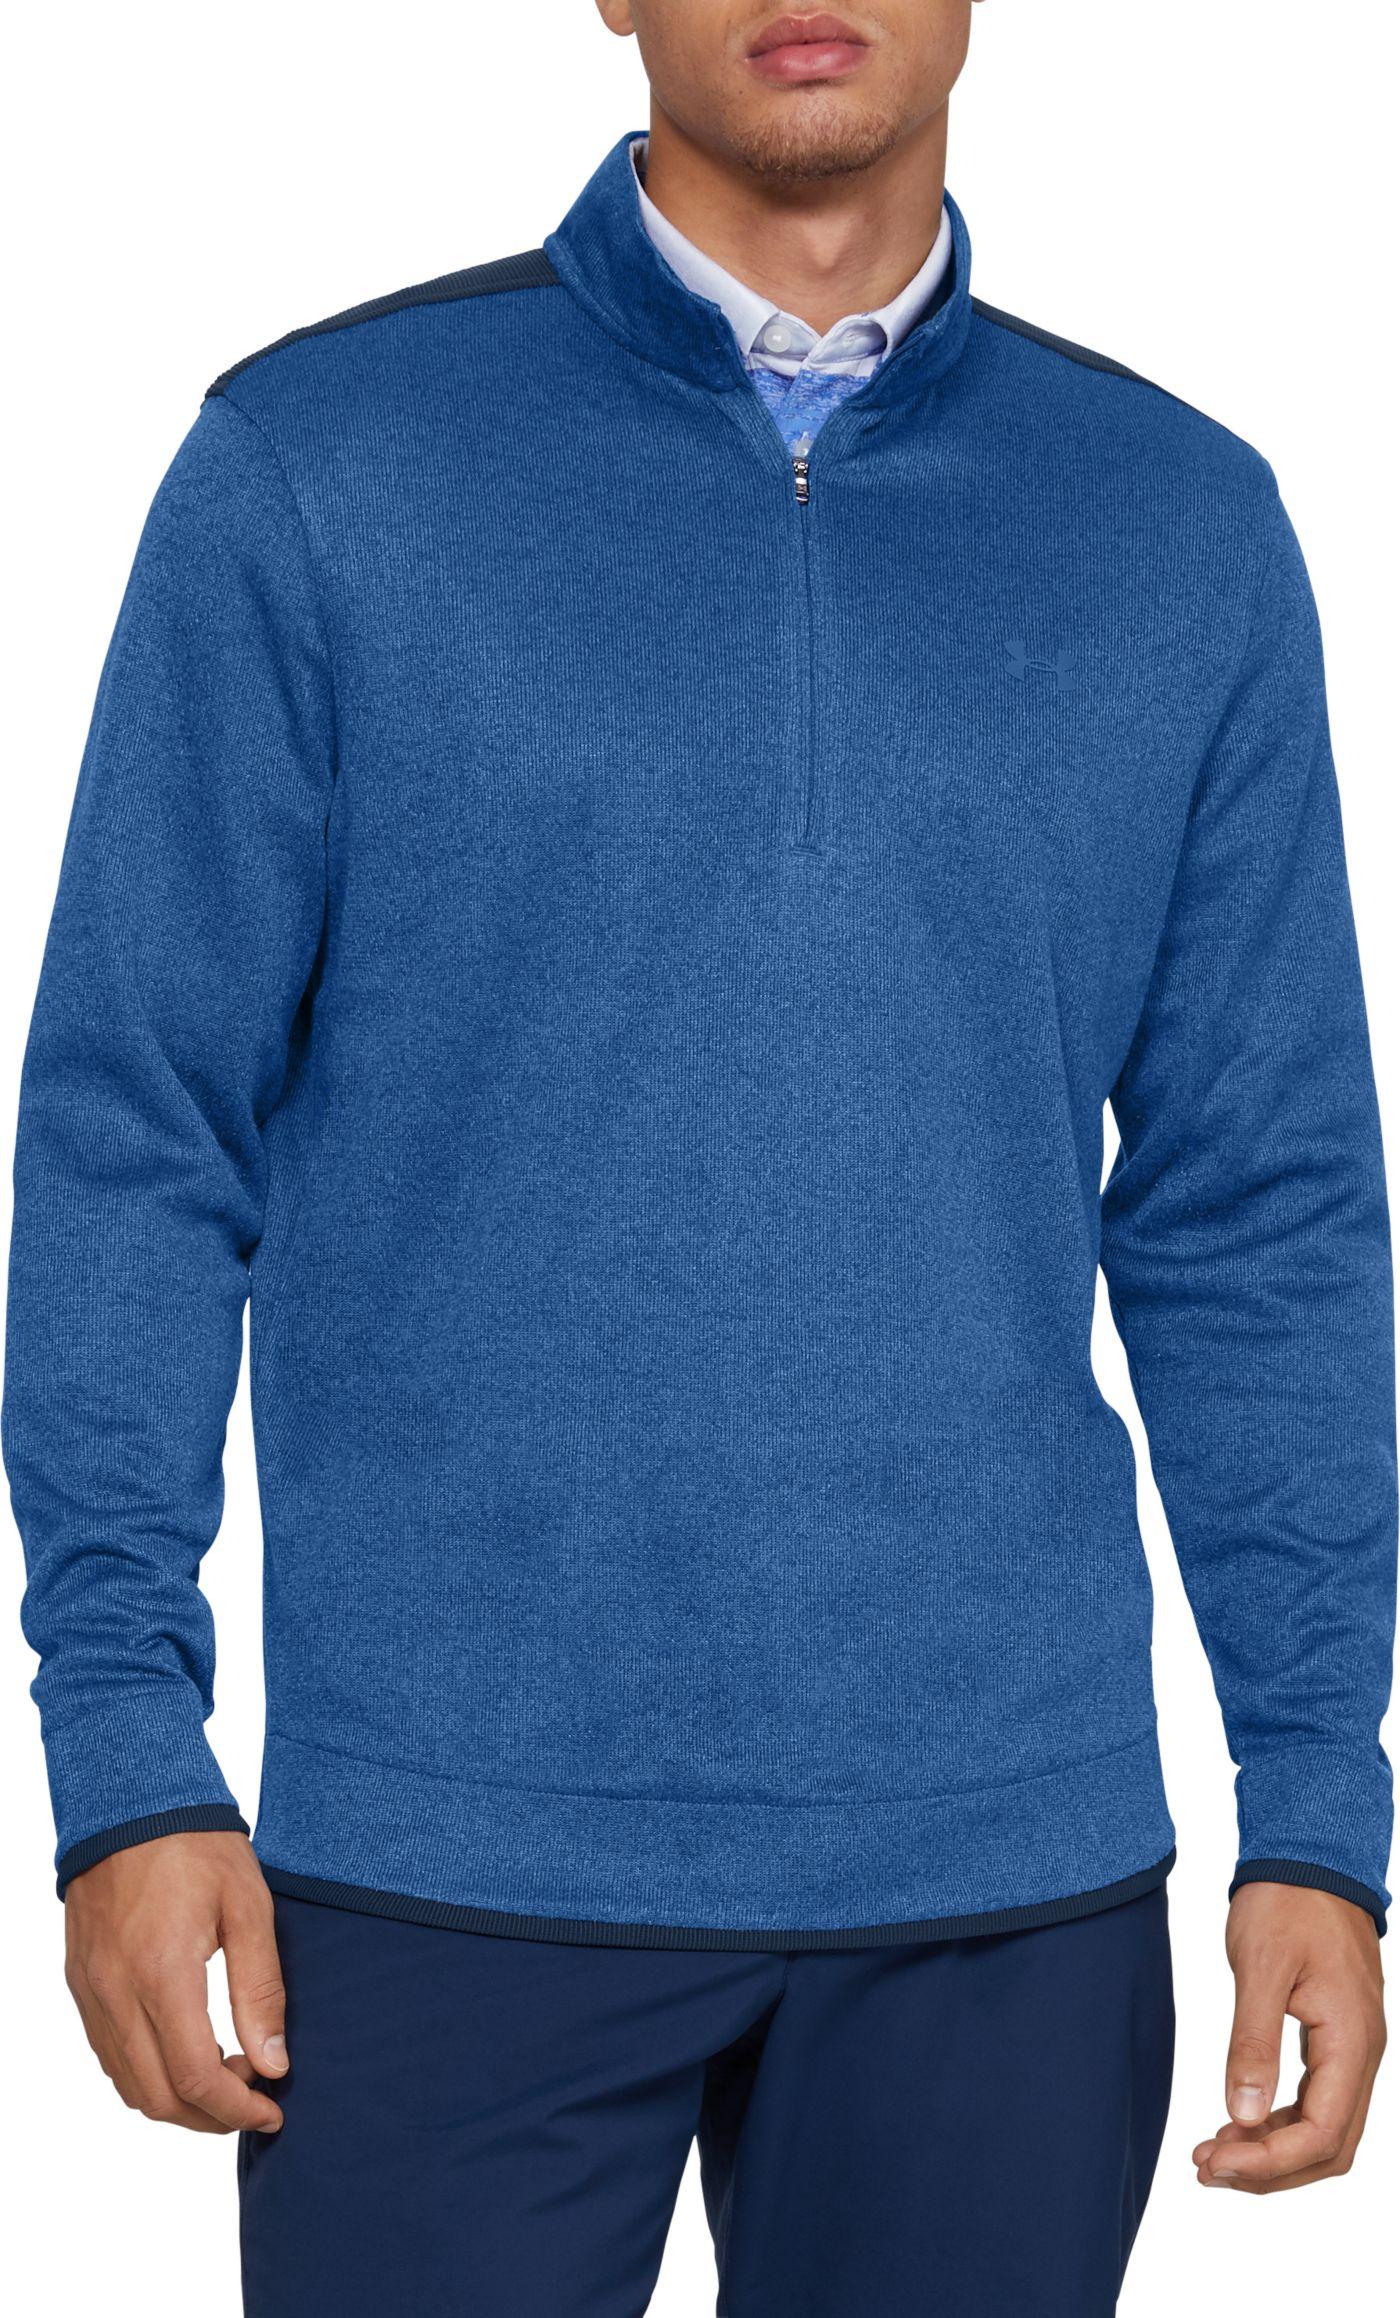 Under Armour Men's Sweaterfleece Golf ½ Zip